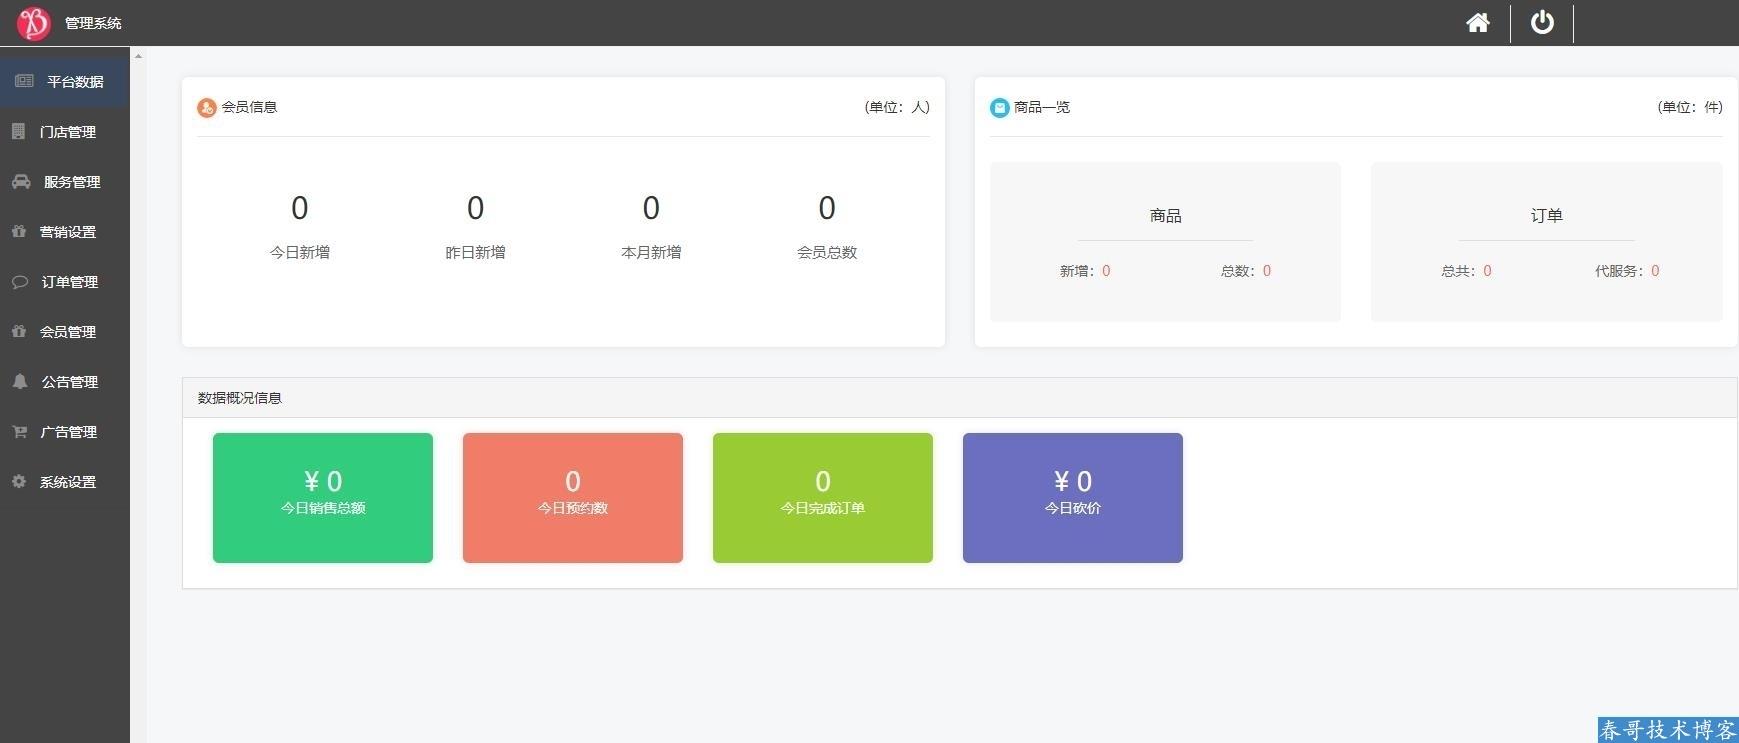 春哥小程序开发平台源码系统V3.0重磅升级发布!